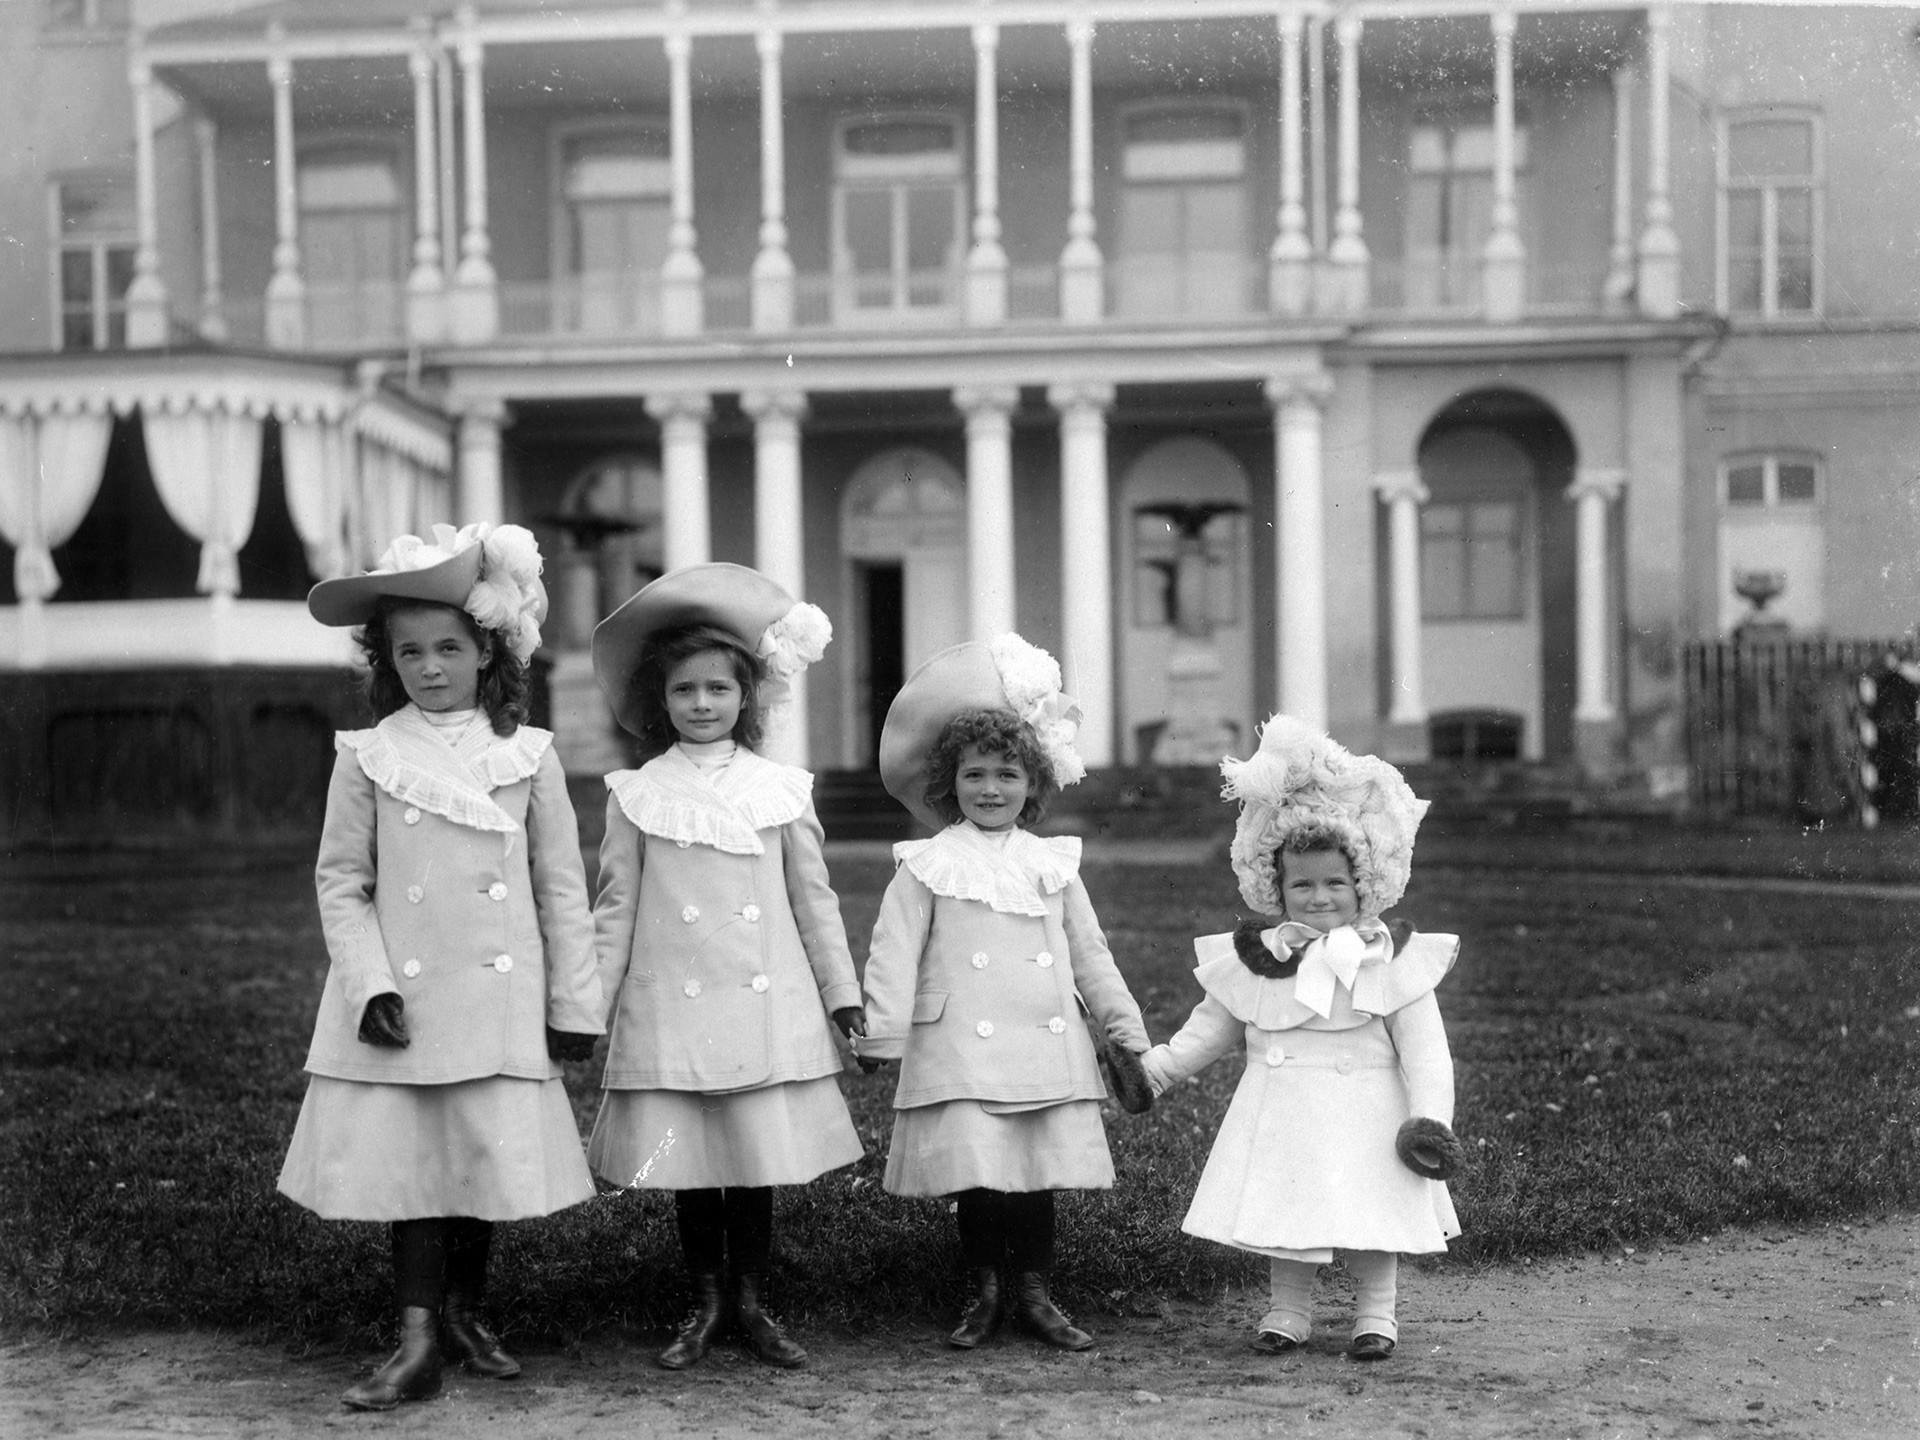 K. E. von Ghan & Co.撮影。ロシア国立映像写真アーカイブ